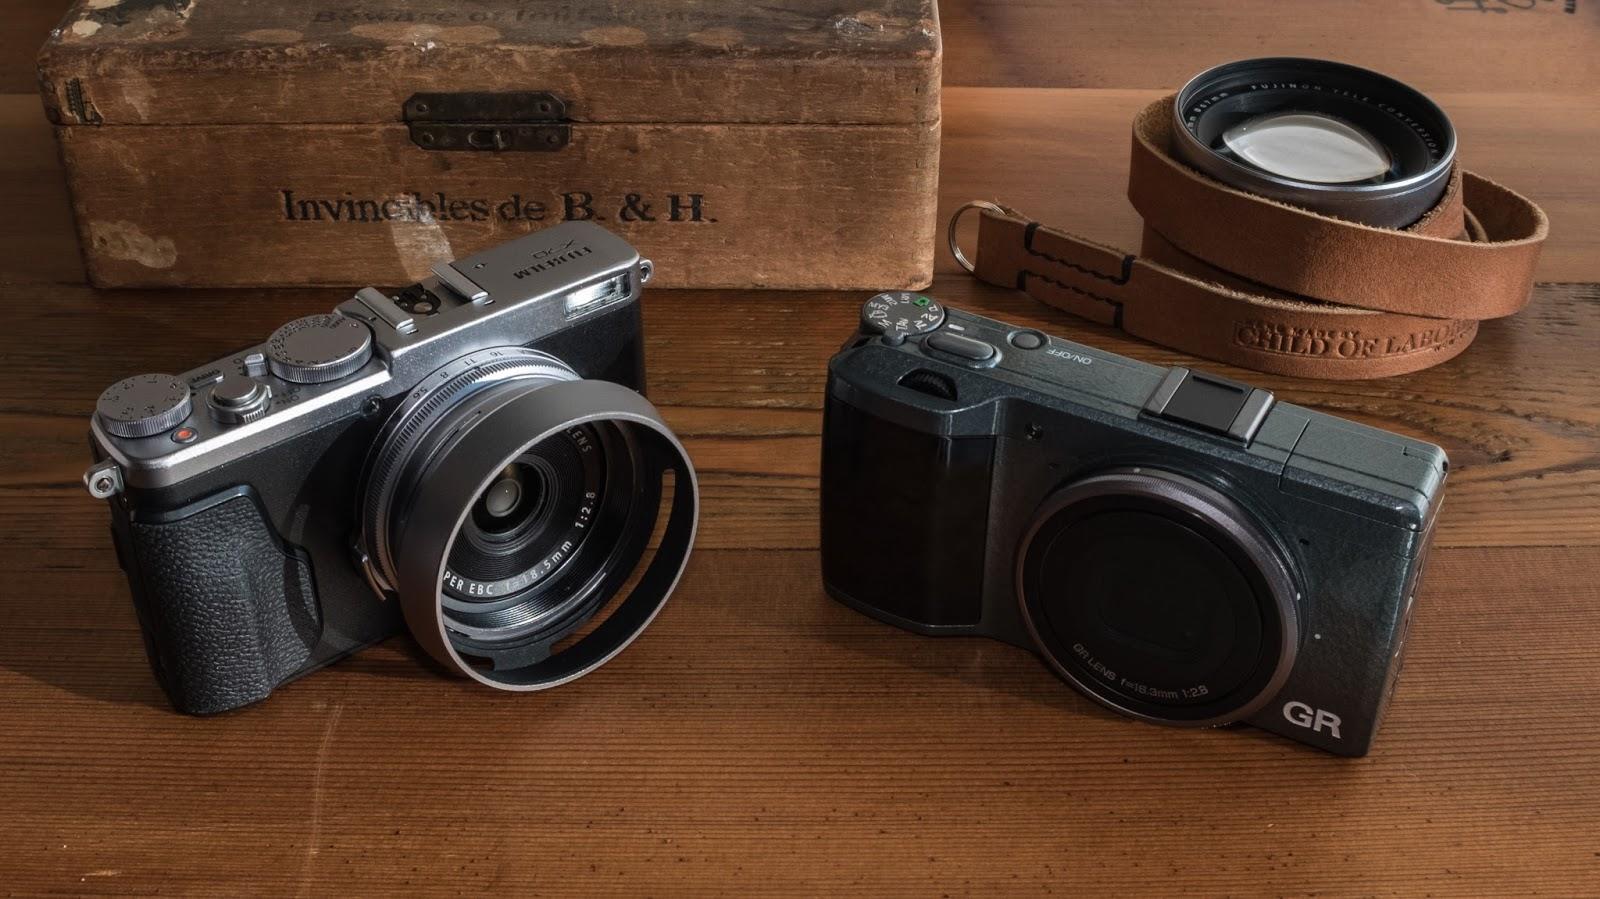 bigheadtaco com: Fujifilm X70: Ricoh GR Destroyer?